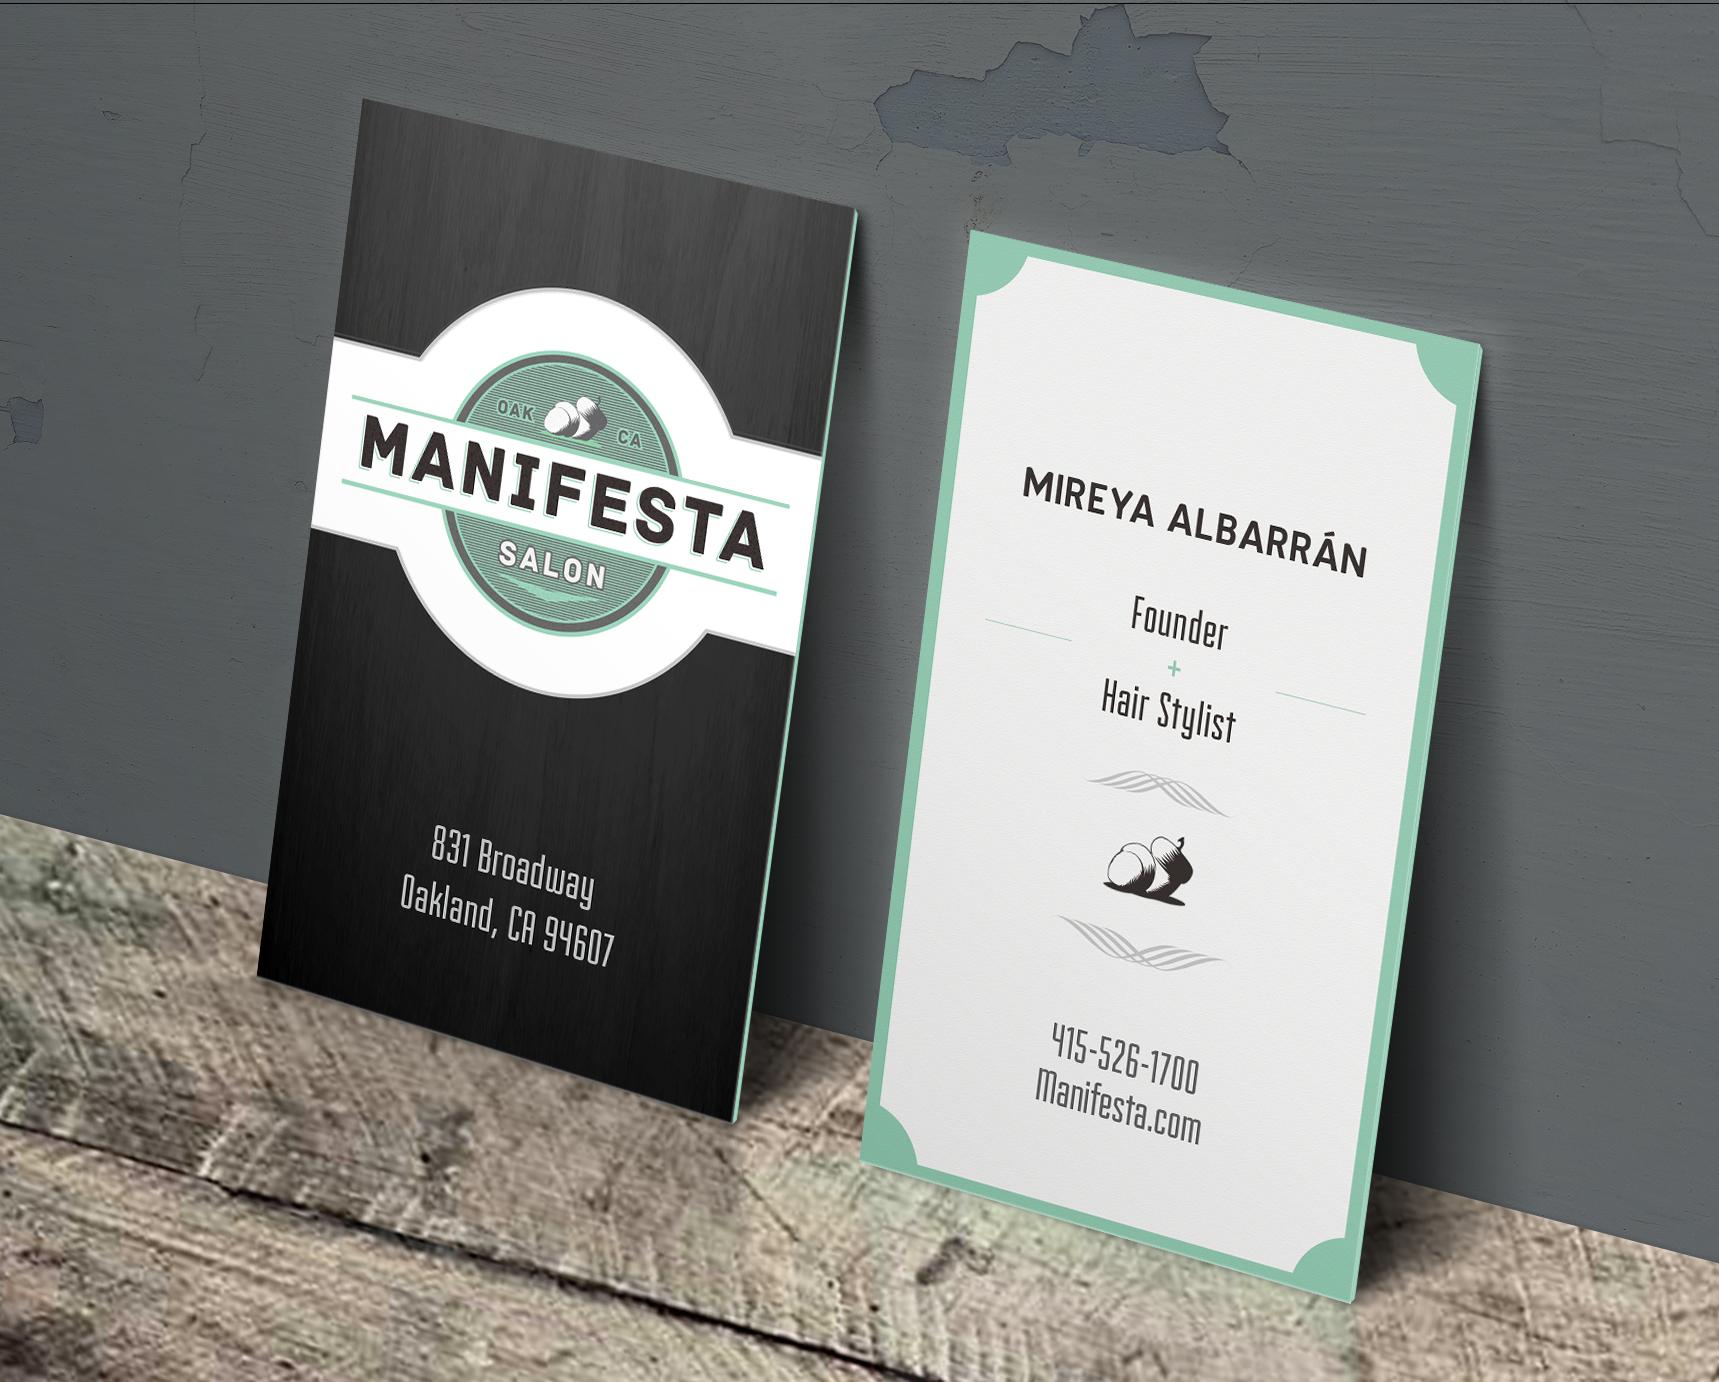 manifesta-business-card-mockup.png